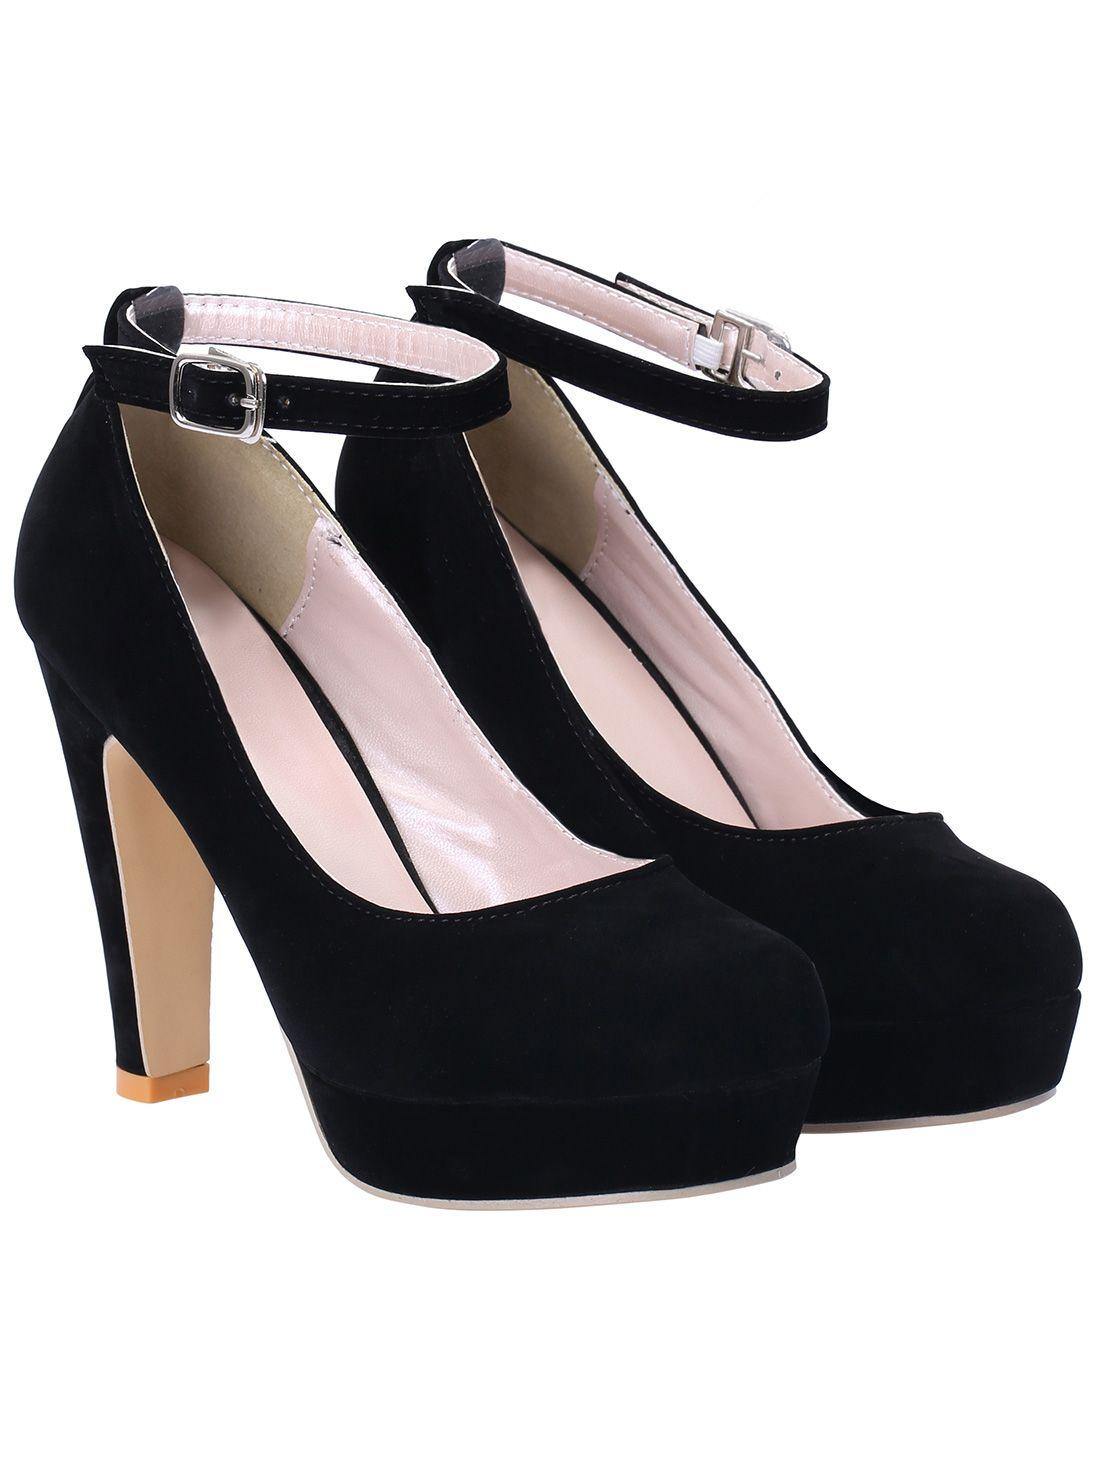 debef342 Zapatos de tacón alto tirante de tobillo -negro 23.60 Plataformas, Tacones  De Plataforma,